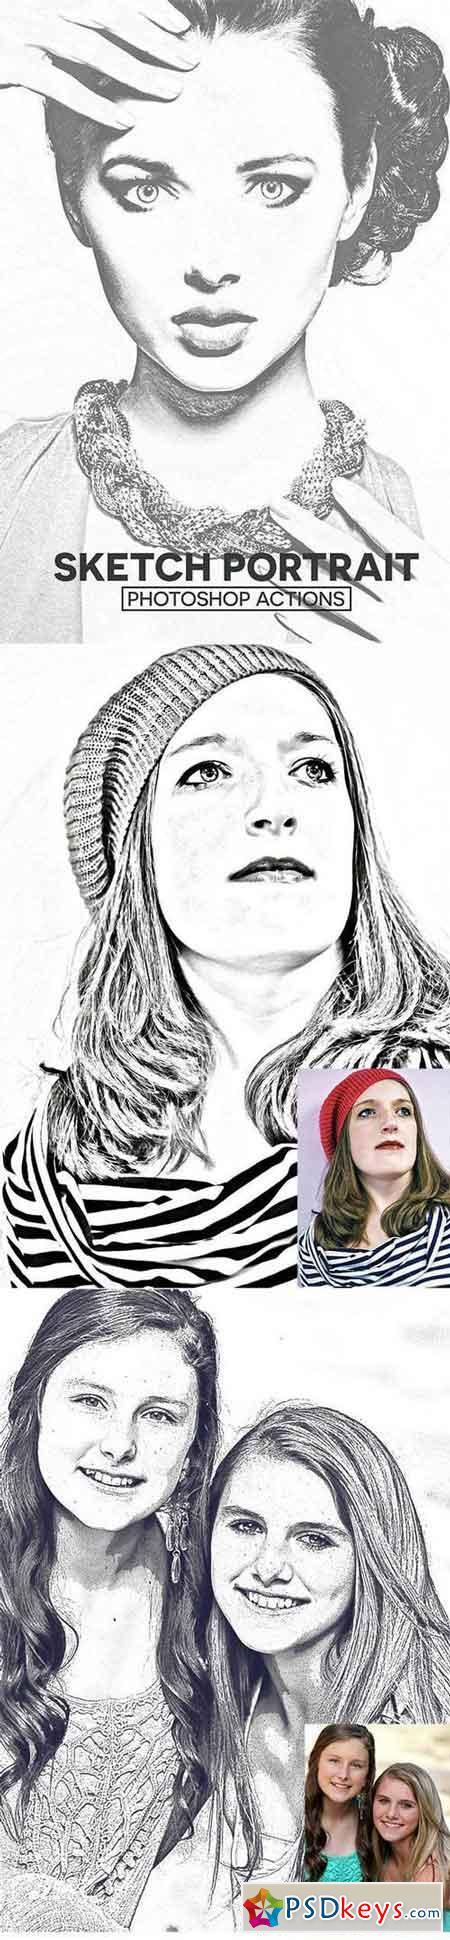 Sketch Portrait Photoshop Actions